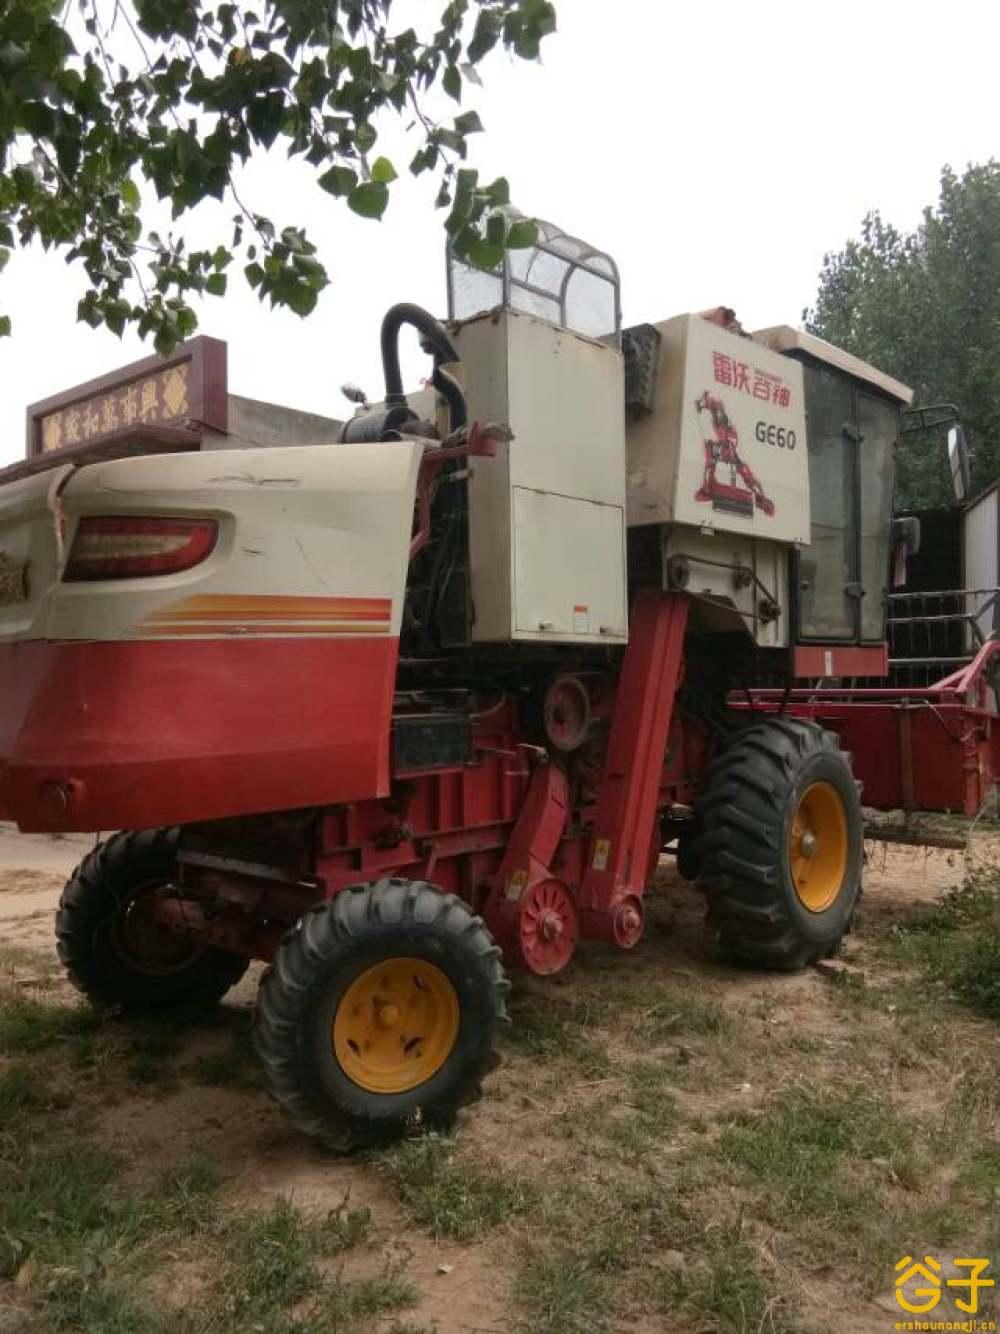 福田雷沃GE60小麦收割机